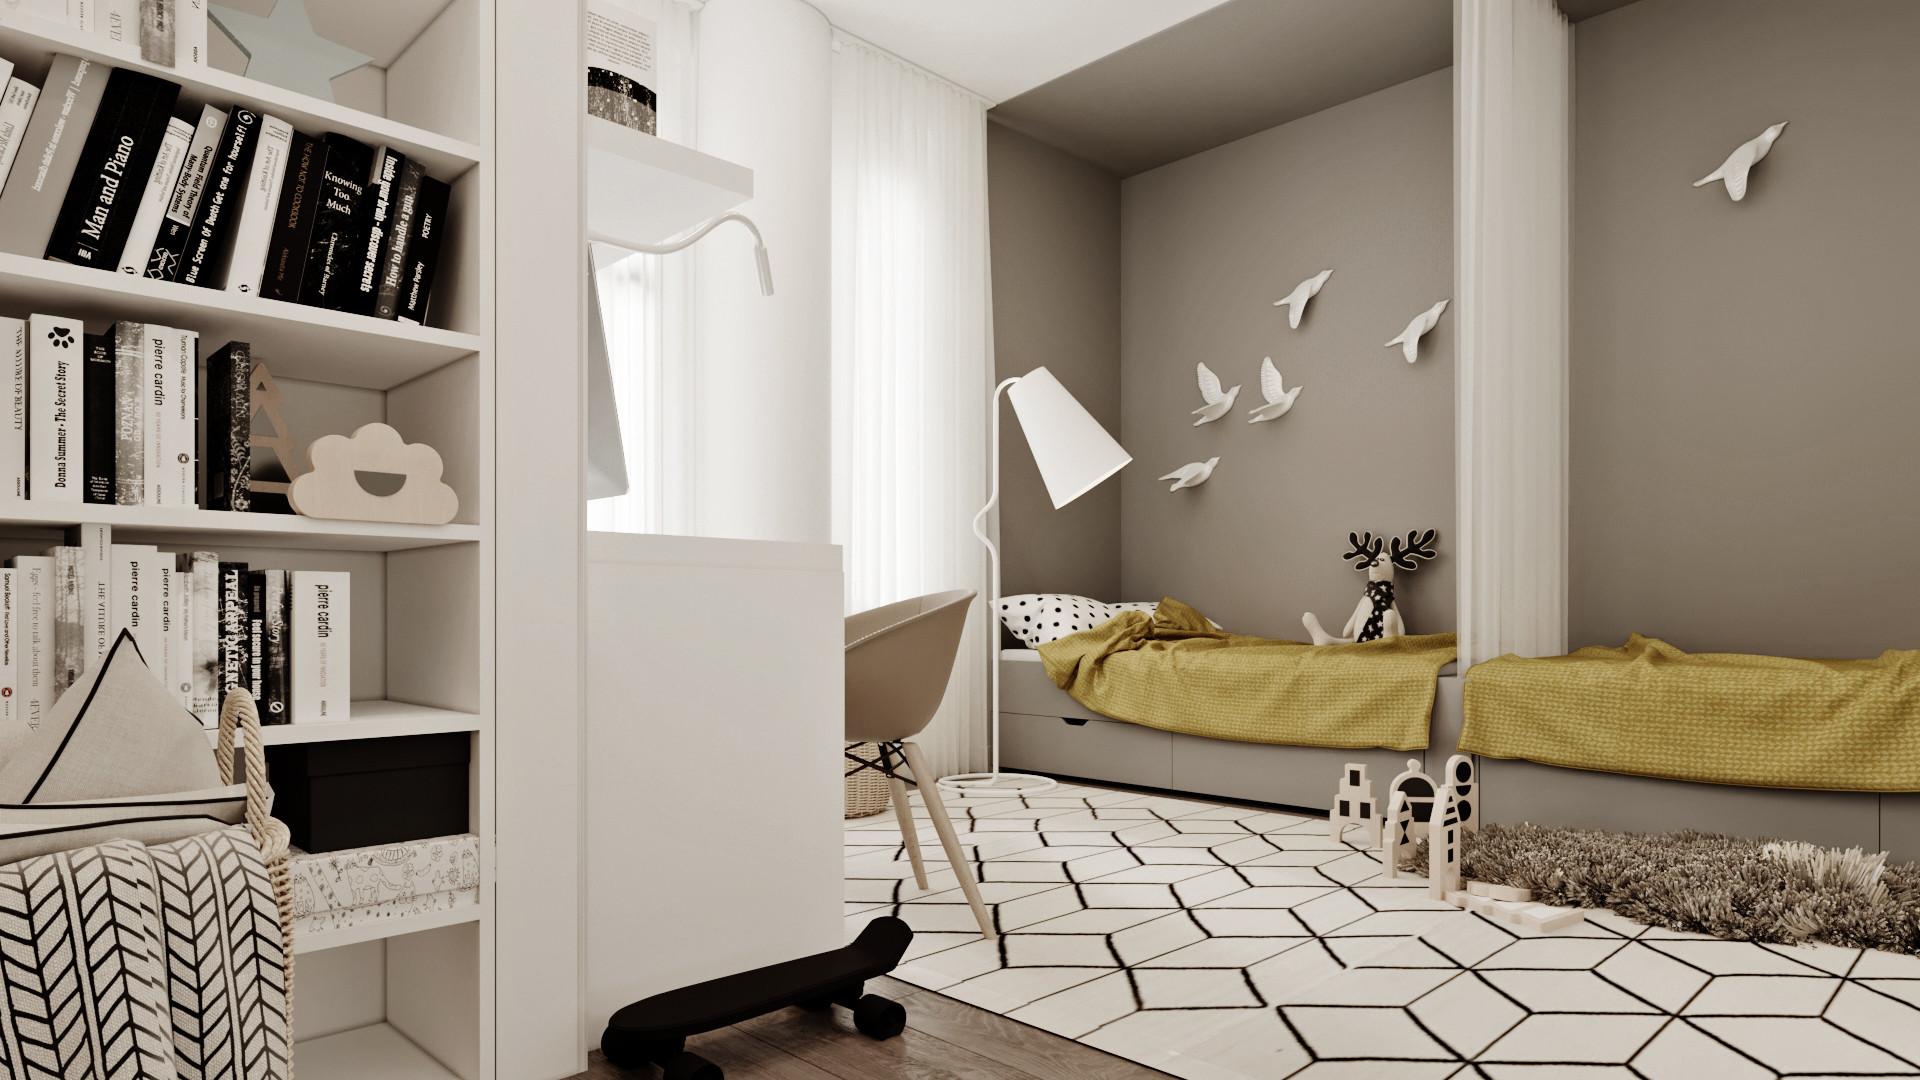 senko-architects-ID_09_15